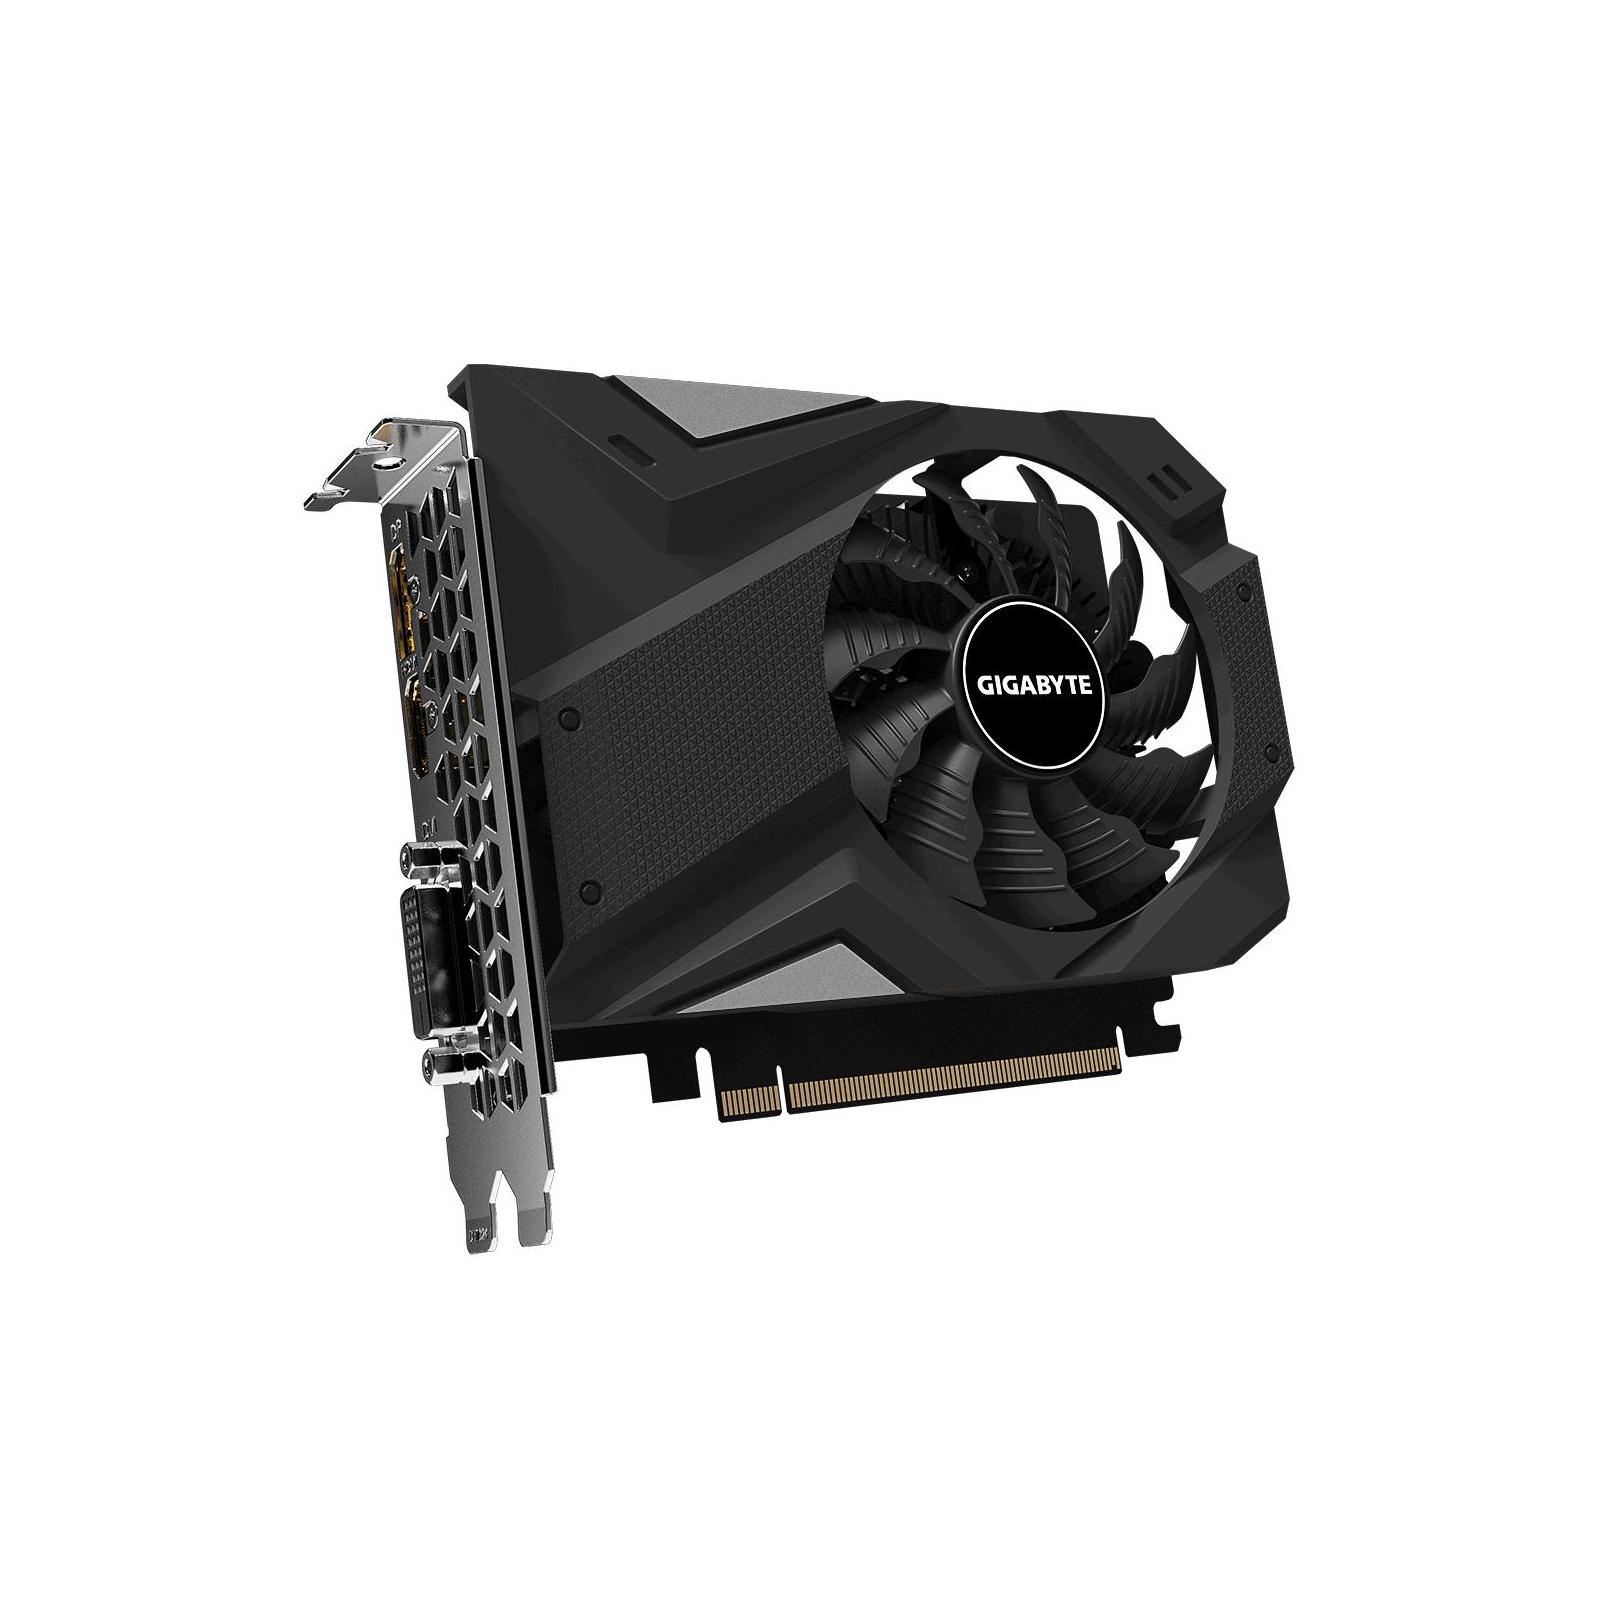 Відеокарта Gigabyte GeForce GTX1650 4096Mb D6 OC (GV-N1656OC-4GD) зображення 2